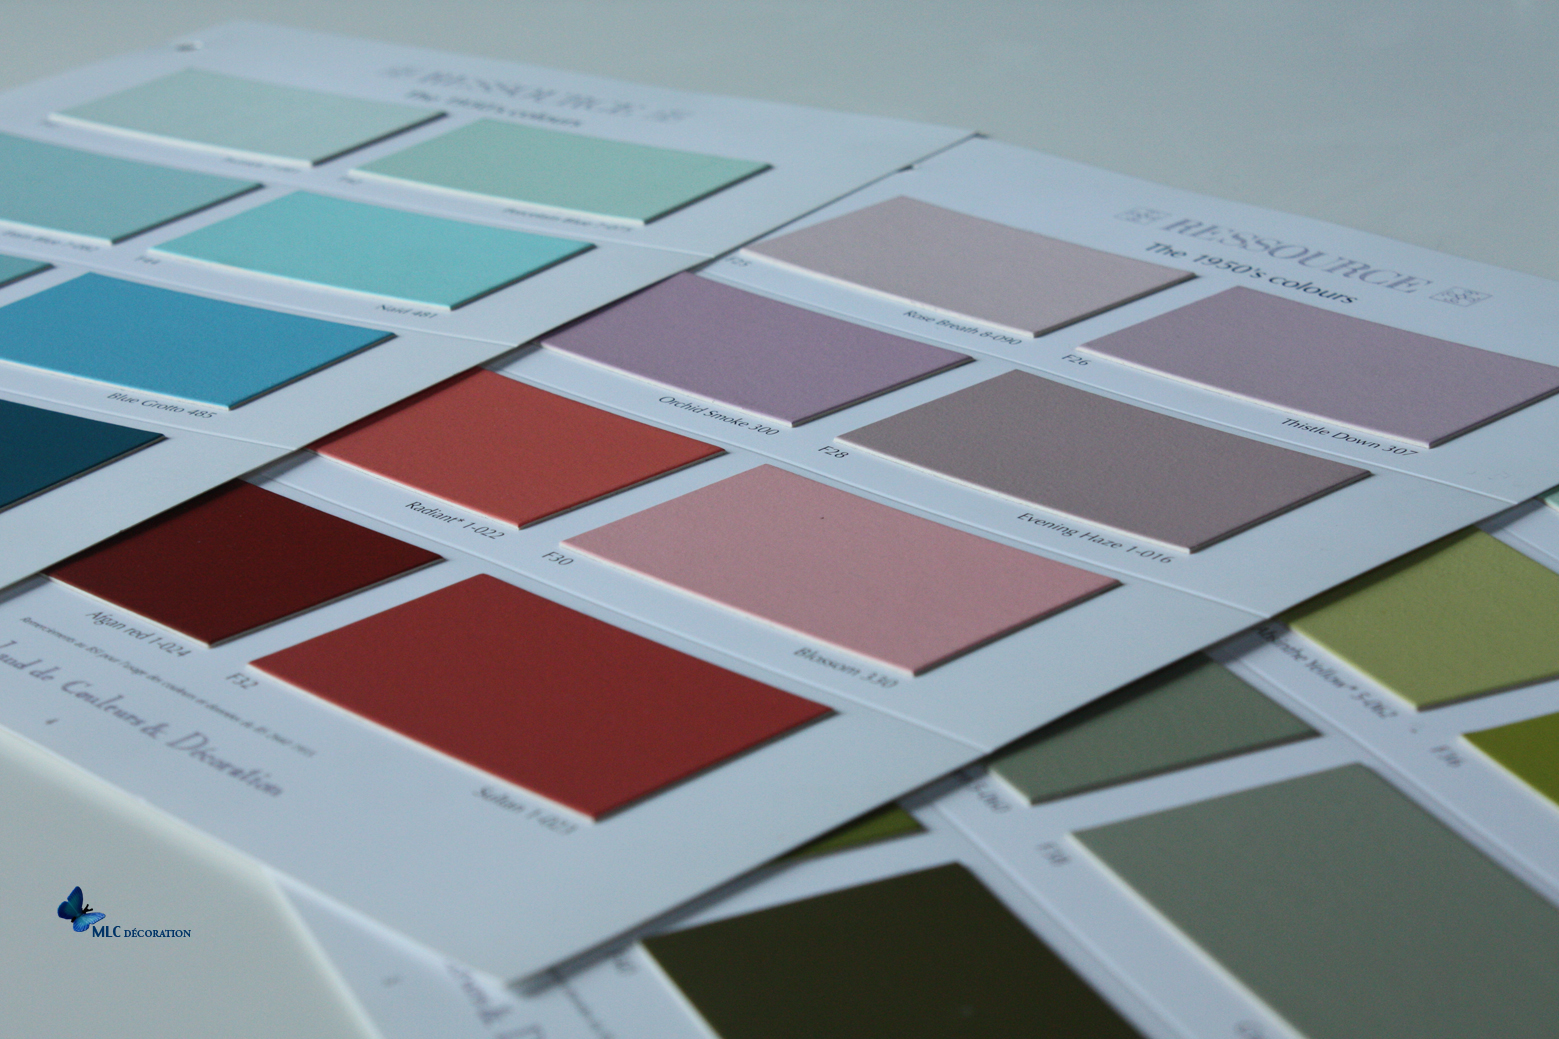 Couleur interieur maison moderne fabulous croquis d - Couleur peinture maison moderne ...